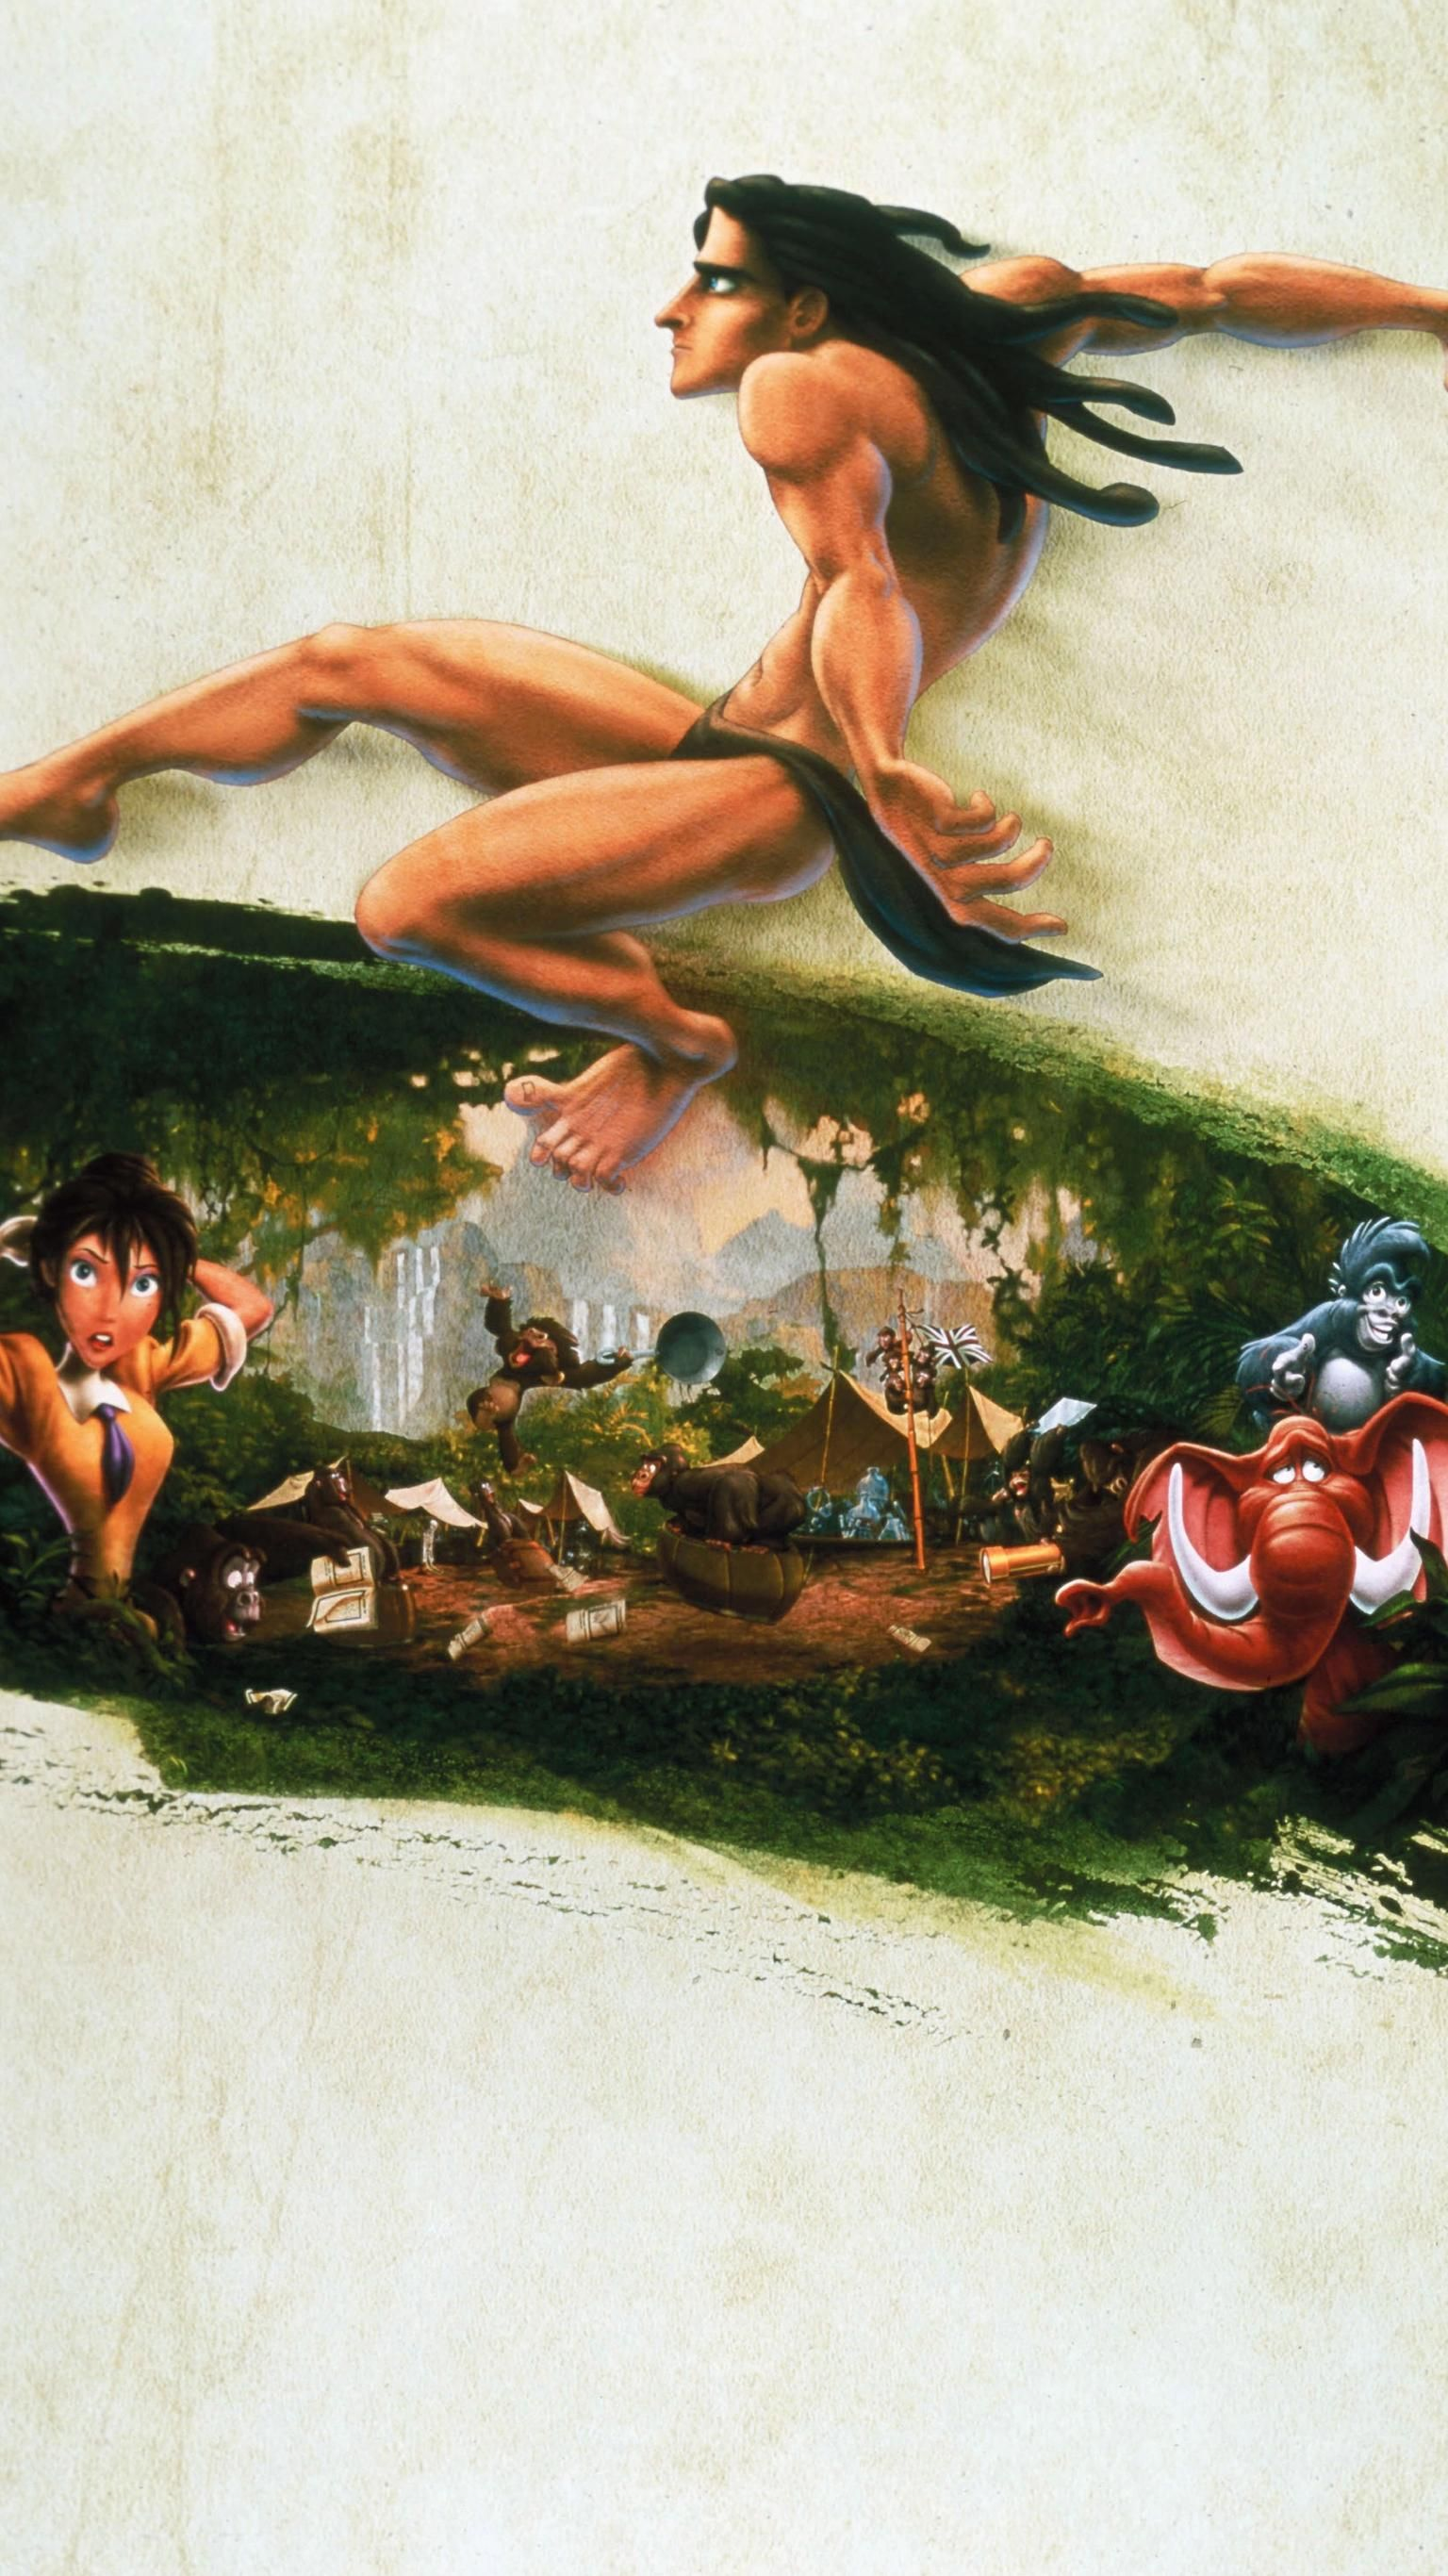 Tarzan 1999 Phone Wallpaper Moviemania Tarzan Animated Movie Posters Tarzan Tattoo